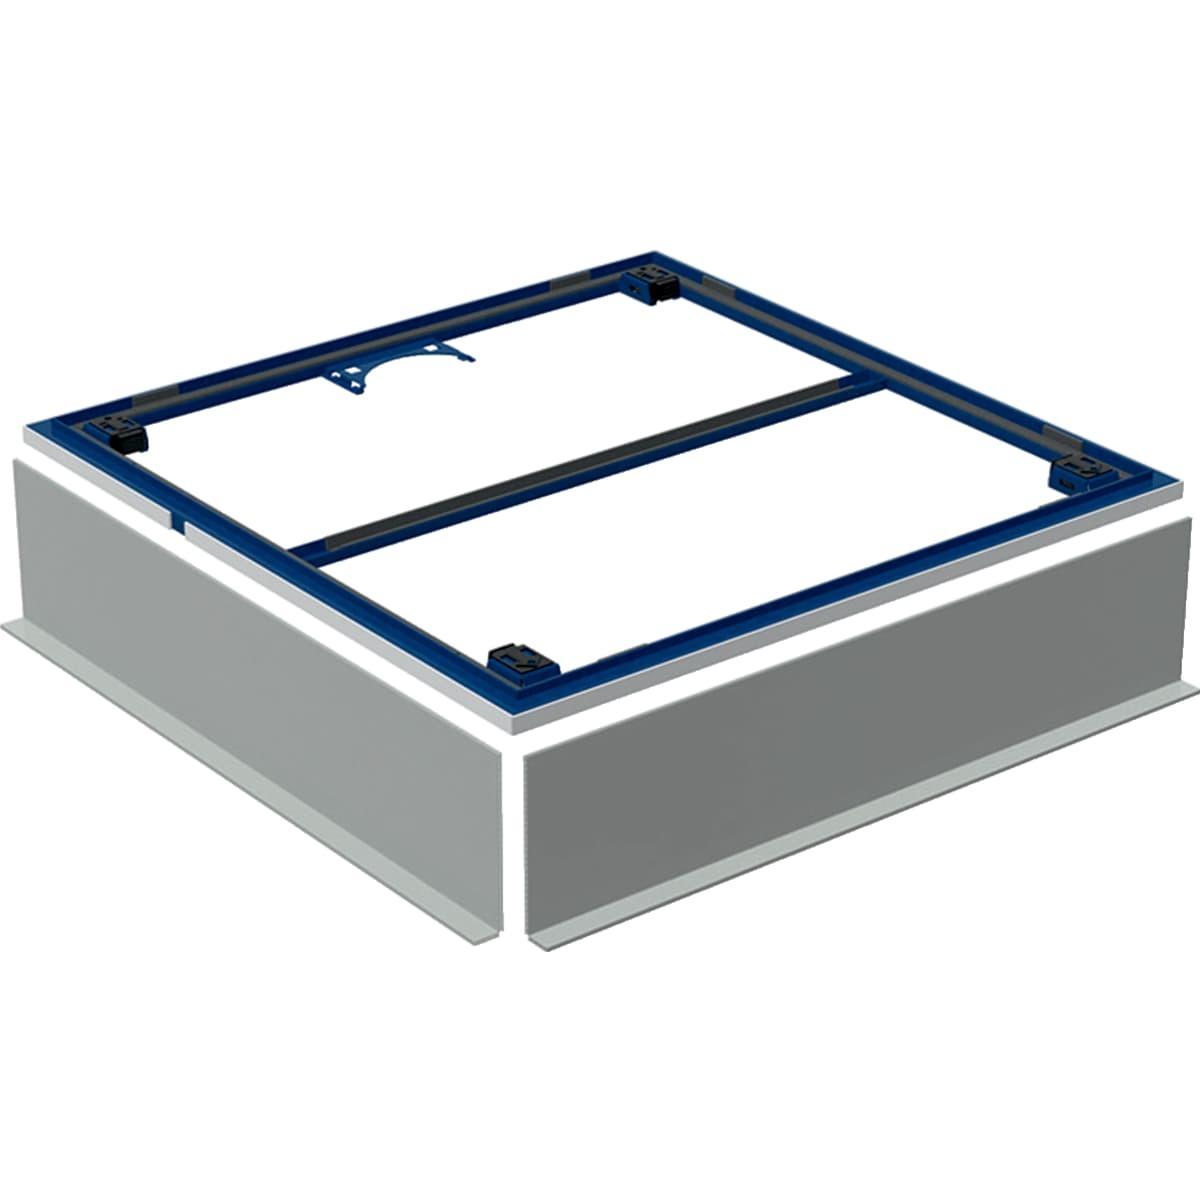 Instalační rám Geberit Setaplano pro sprchovou vaničku 154.470.00.1